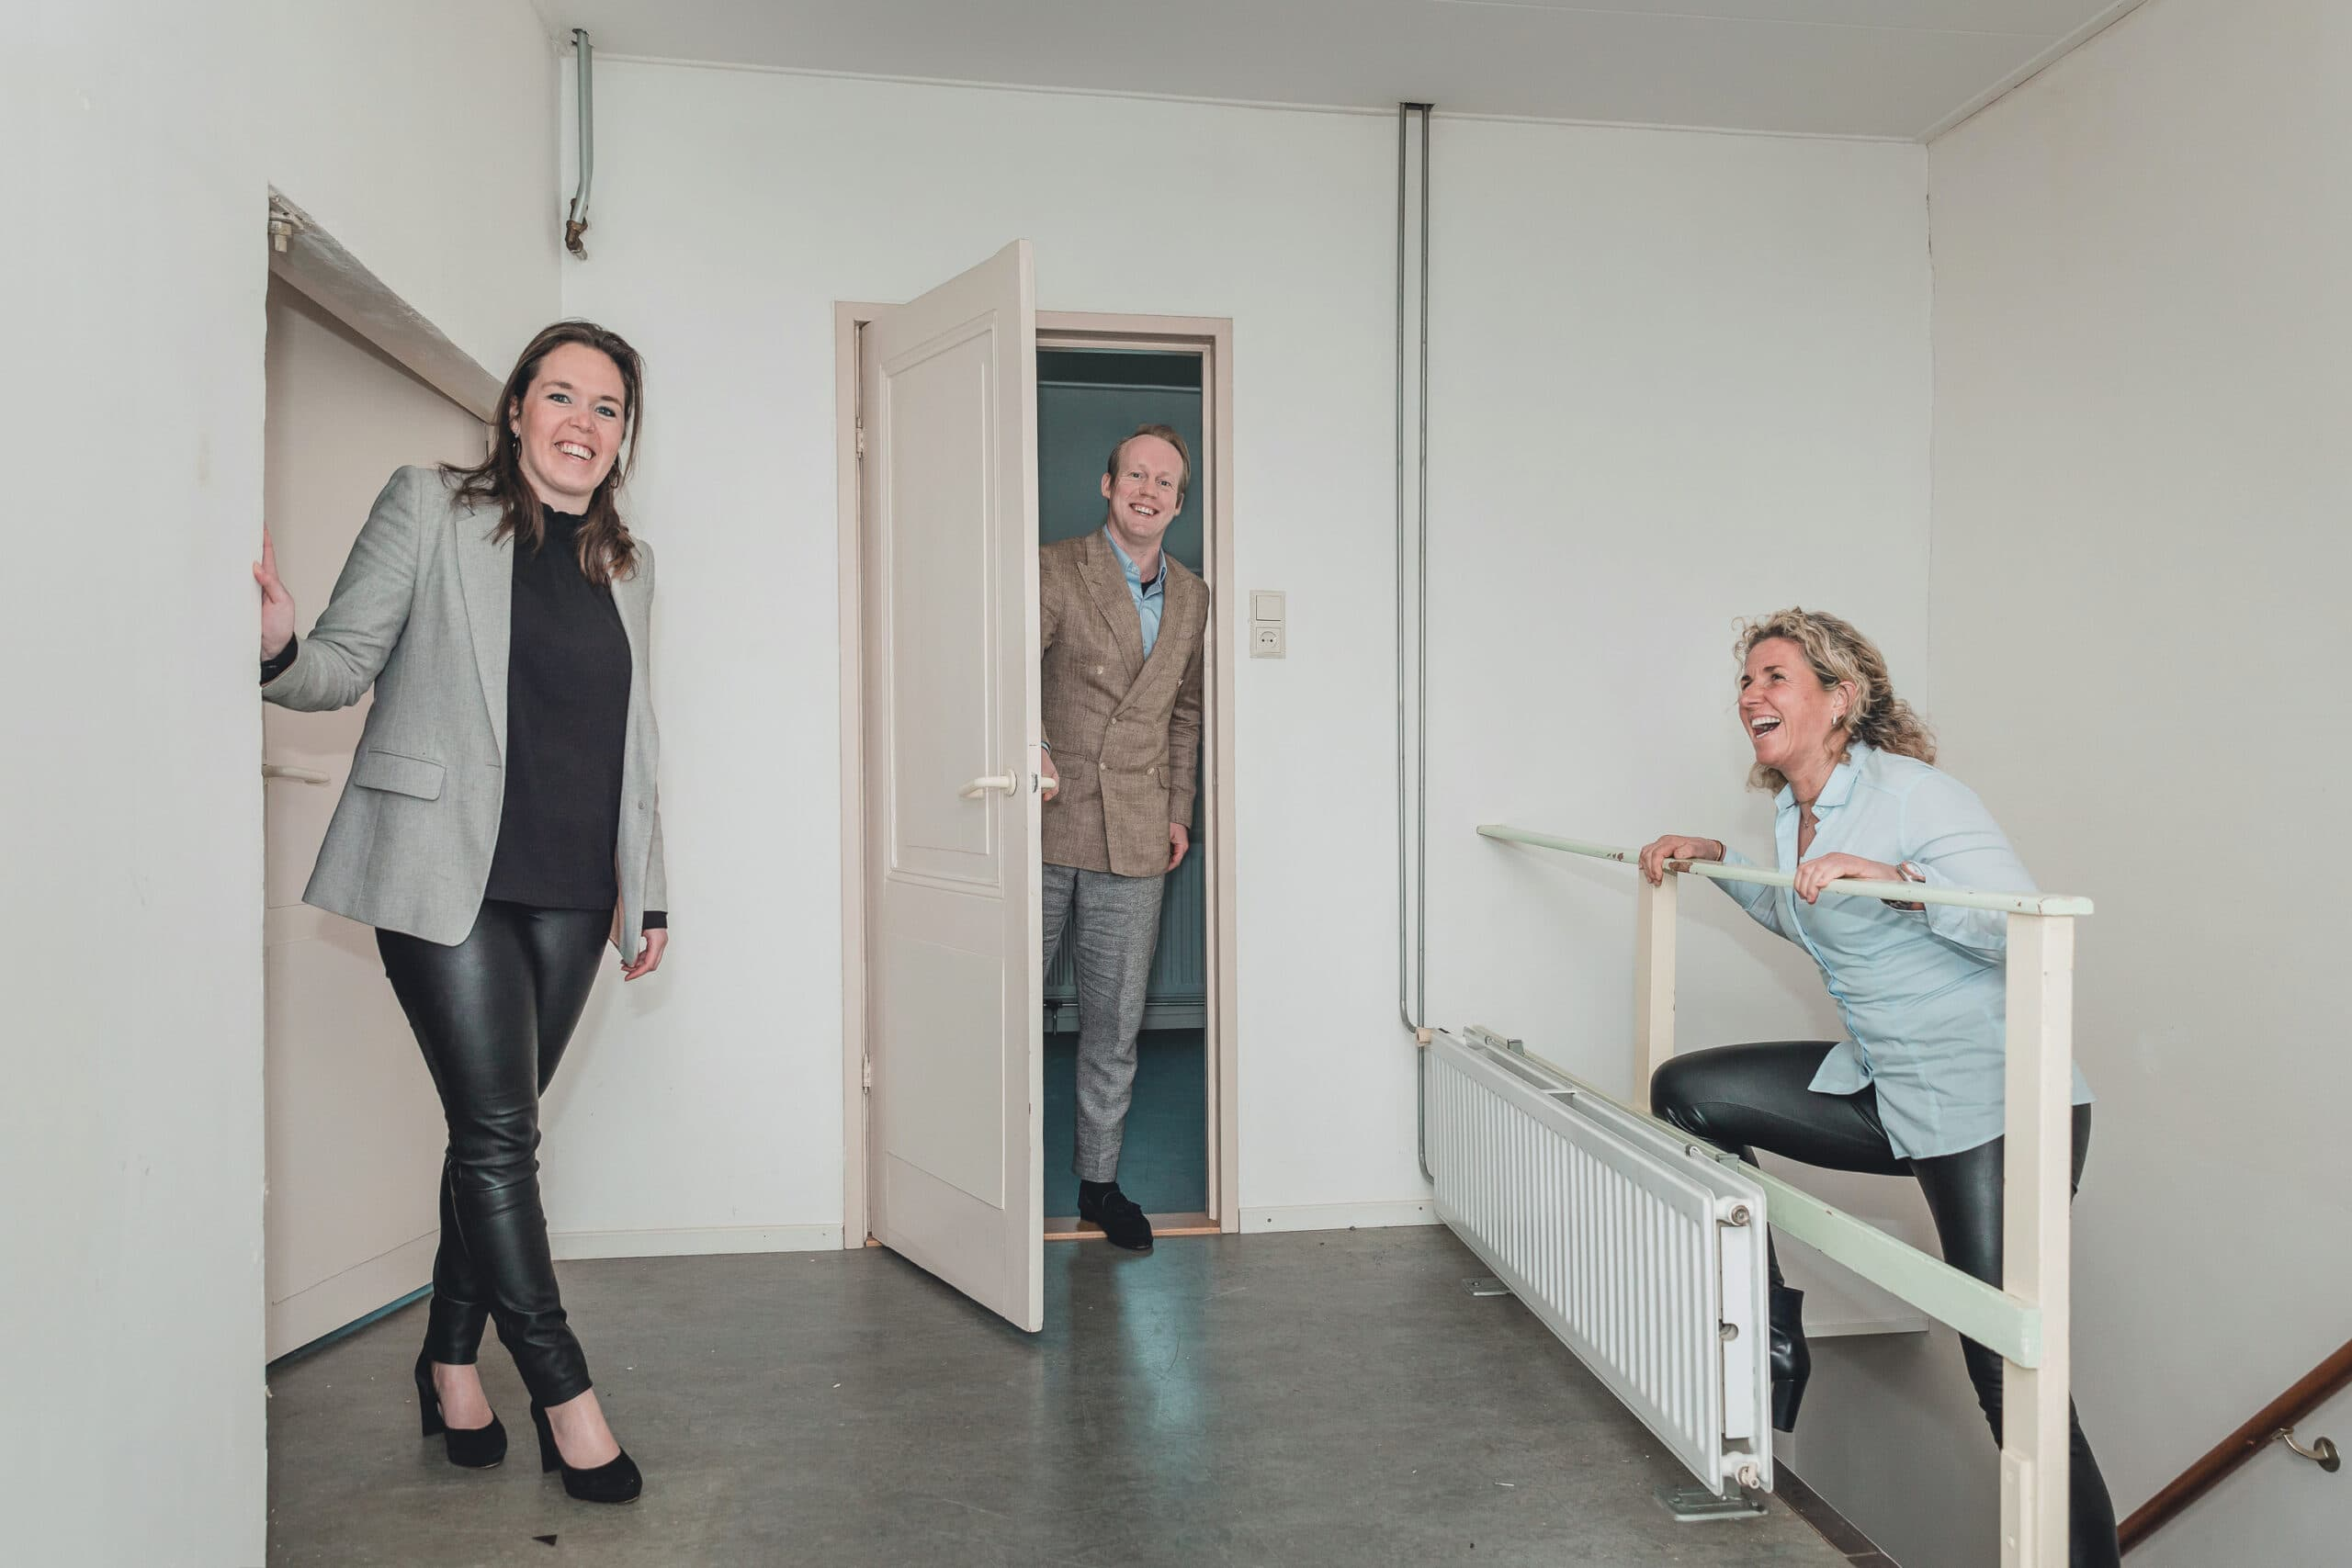 Makelaar Utrecht, Makelaar Utrecht met marketingskills – Gusto Casa, Makelaar in Utrecht